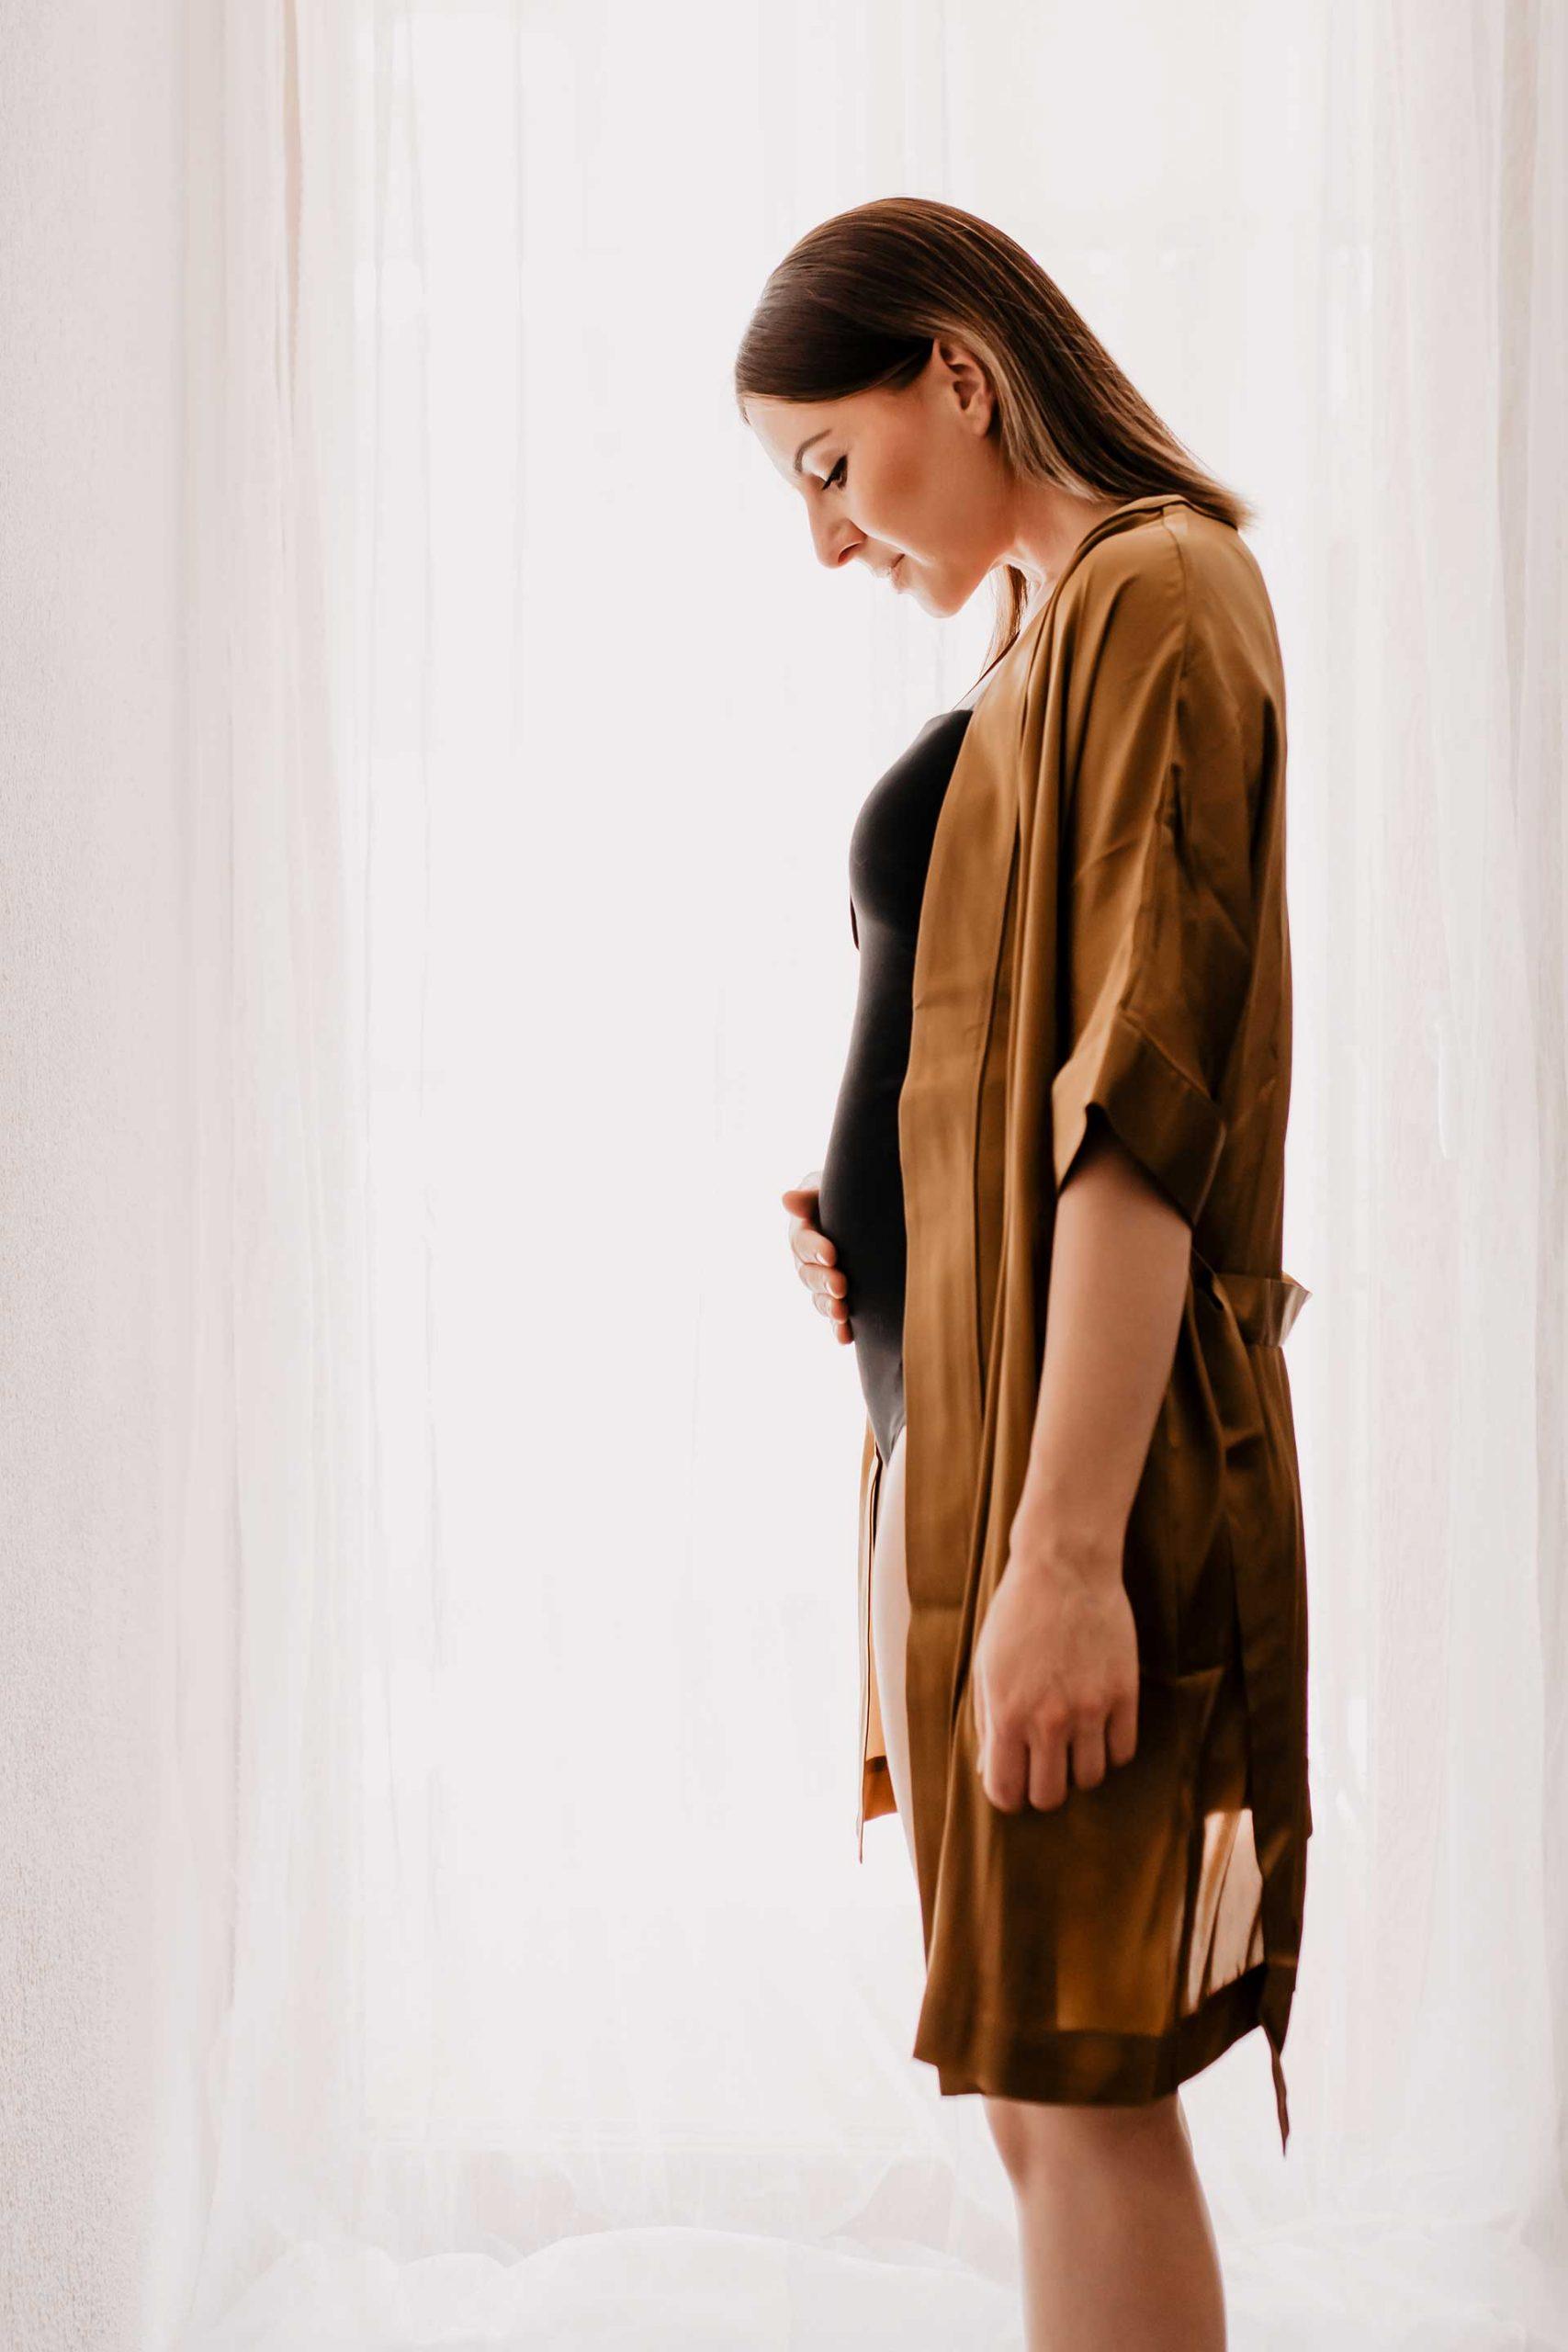 Wir bekommen ein Baby! Als ersten Beitrag möchte ich mein erstes Trimester in der Schwangerschaft noch einmal Revue passieren lassen. Wie ist es mir in den ersten 3 Monaten ergangen, wie habe ich von der Schwangerschaft erfahren, welche Gedanken schwirren mir durch den Kopf und wie sieht meine berufliche Zukunft aus? www.whoismocca.com #baby2020 #oktoberbaby #mamablog